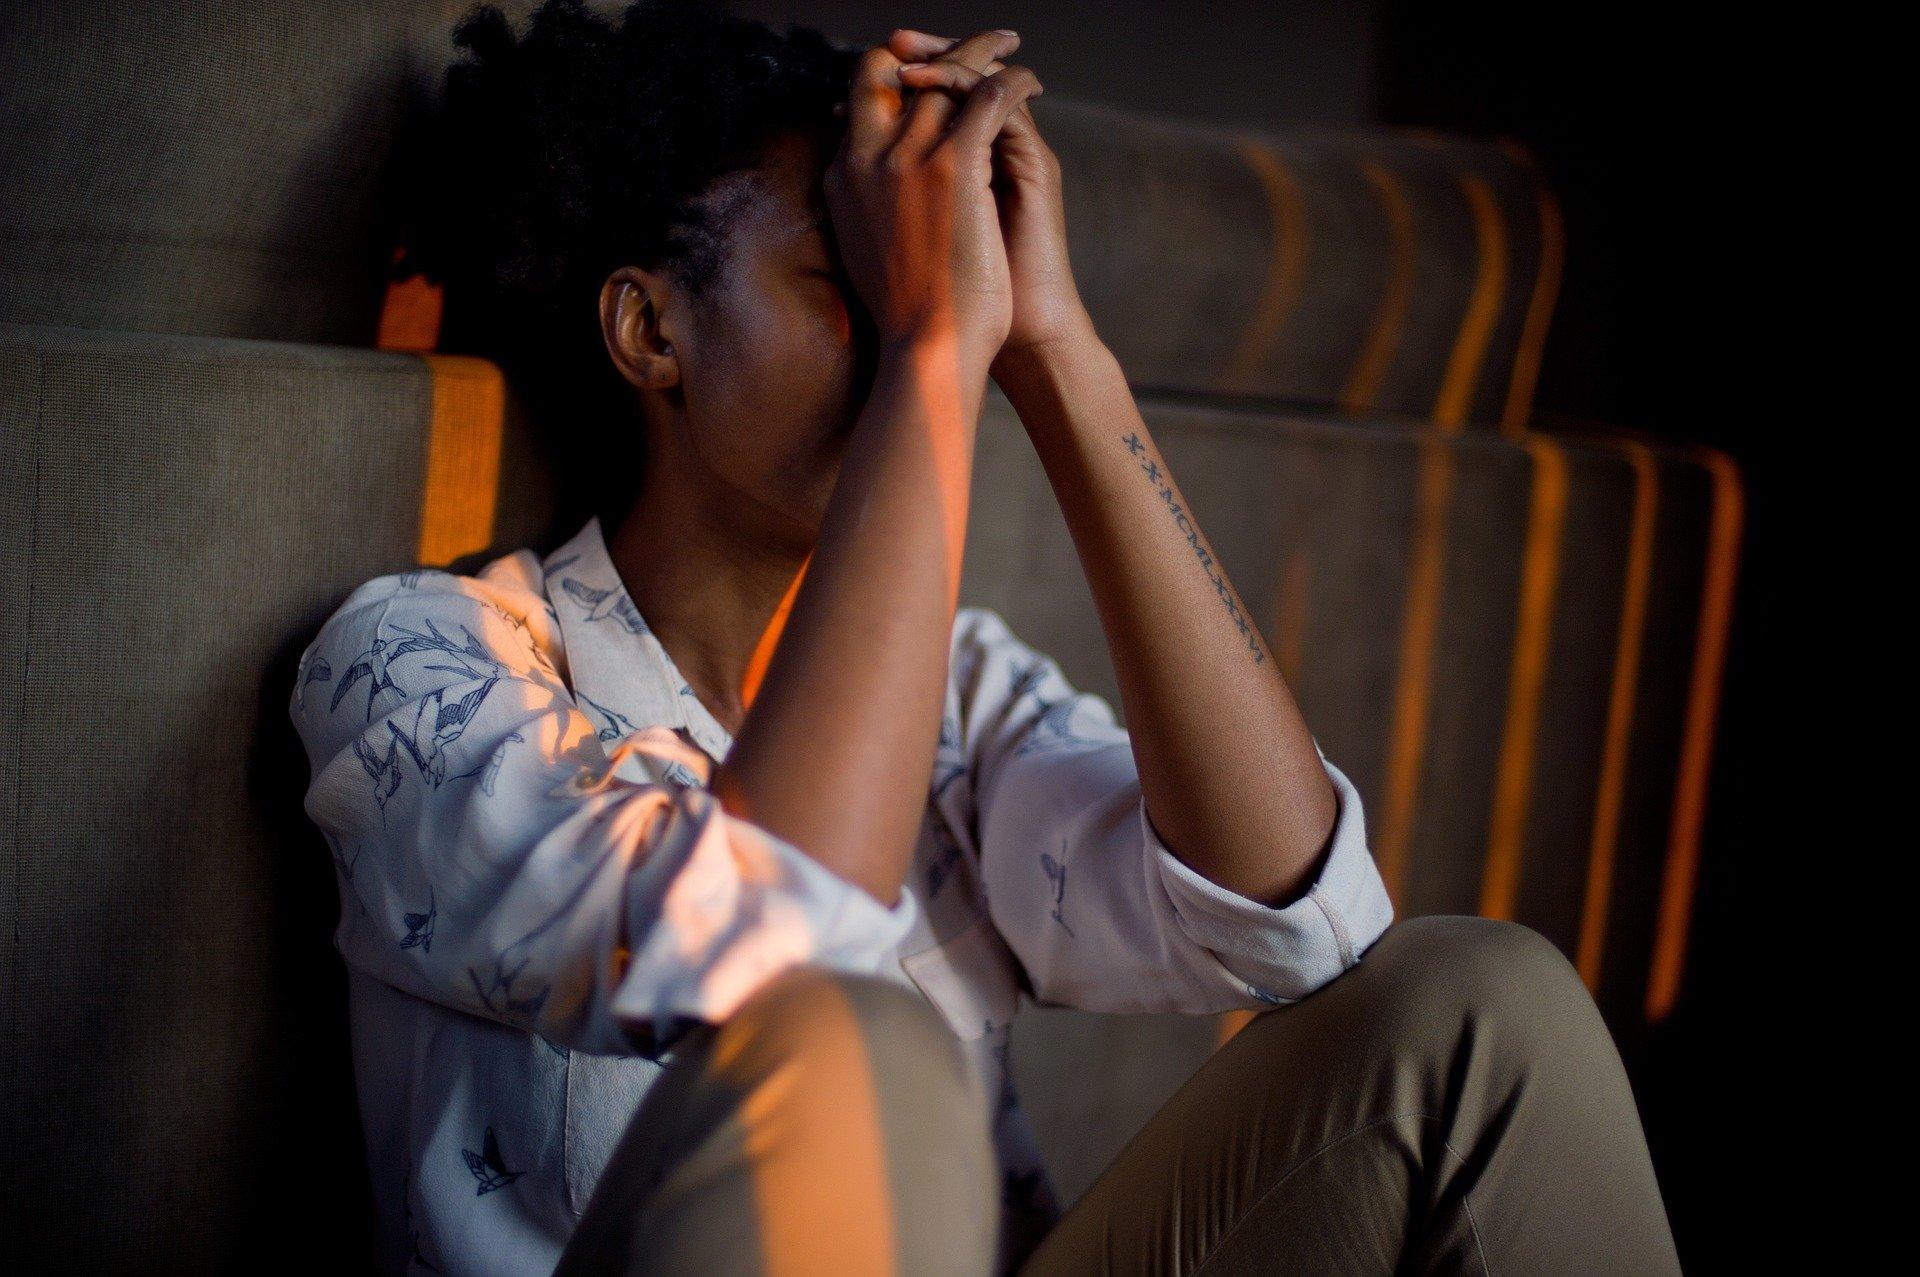 დეპრესიული ქალი